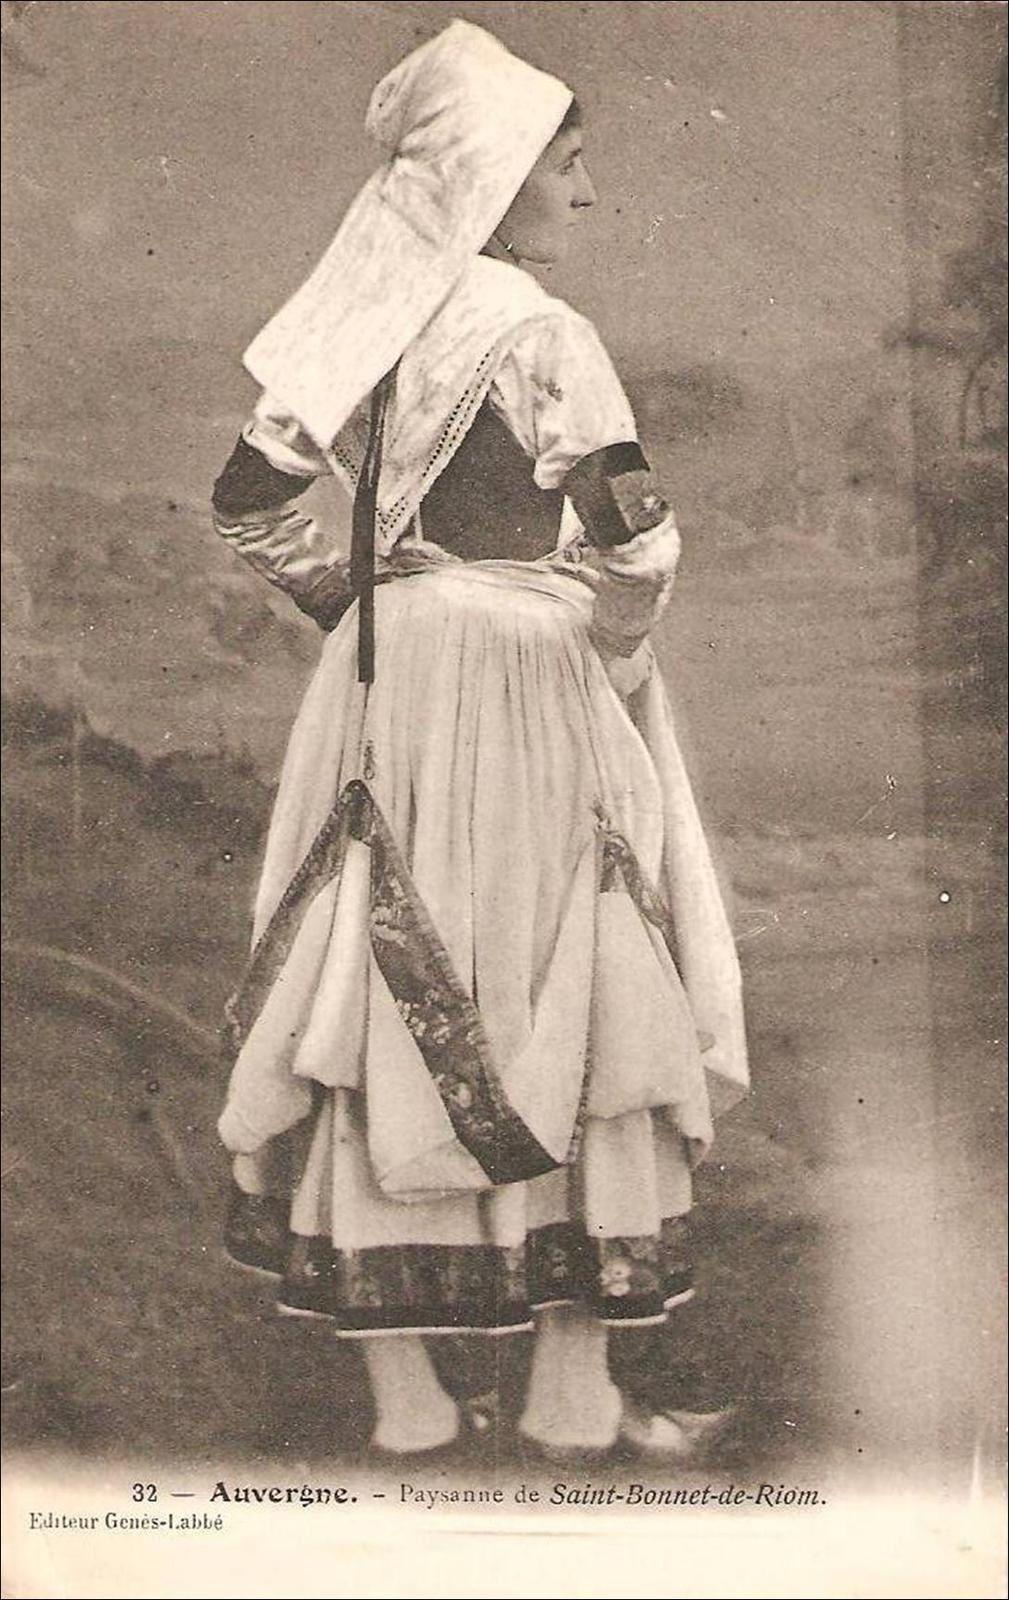 Le nom de Brayaud a été donné en raison d'un costume traditionnel, sorte de culotte étroite couvrant le corps de la ceinture aux genoux, appelé braye ou braie.